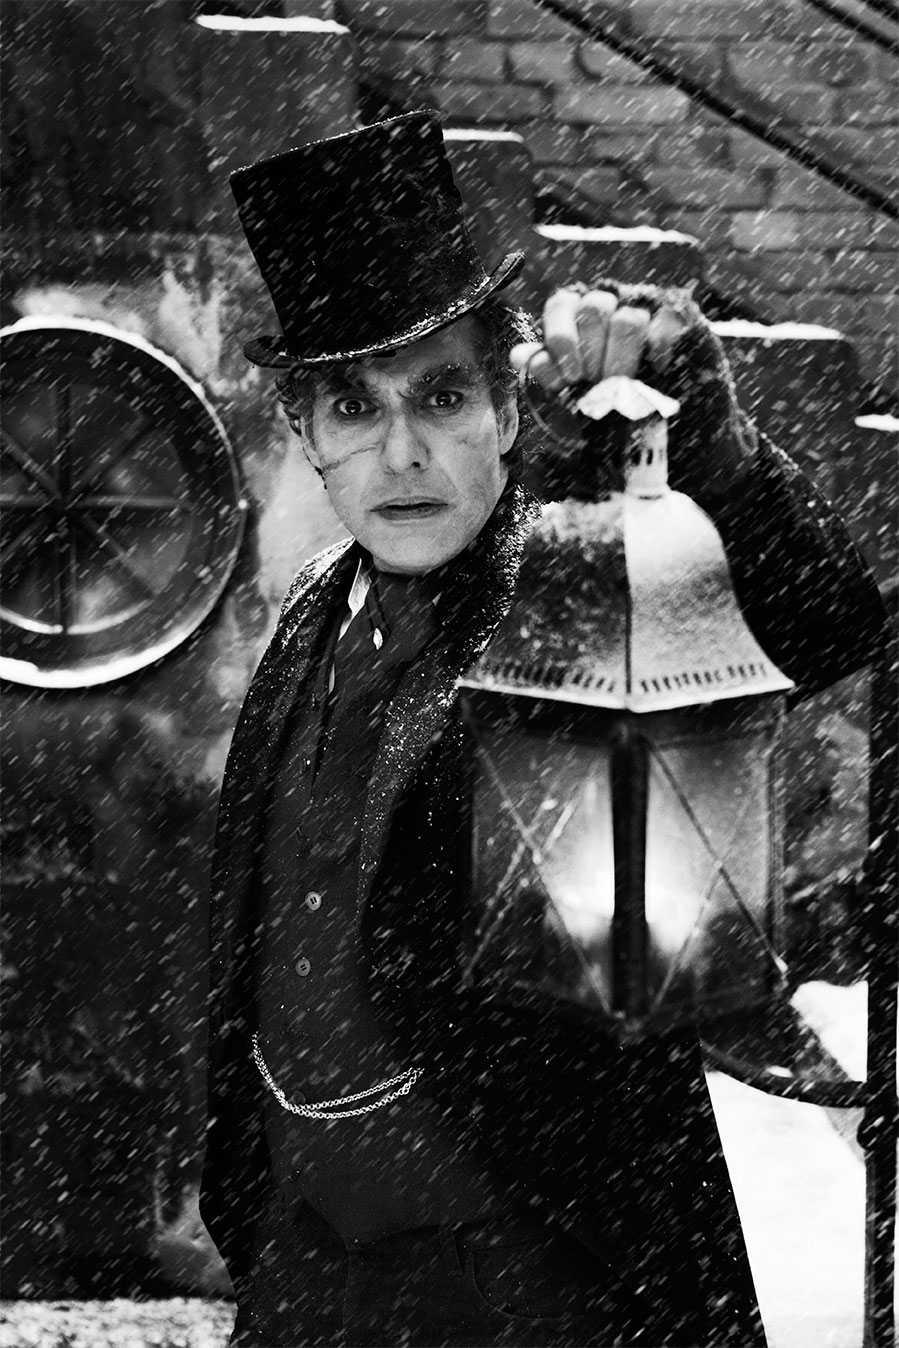 """December: Thorsten Flinck, skådespelare och musiker. """"Finns det några snälla barn här? Julhandeln slår rekord medan magra bokhållare sitter med gåspennor vid pulpeterna och fryser. Det duger inte med åkarbrasa när kaminen har slocknat. Marleys vålnad har återvänt för att hemsöka Scrooge i oss. Välkommen in."""""""